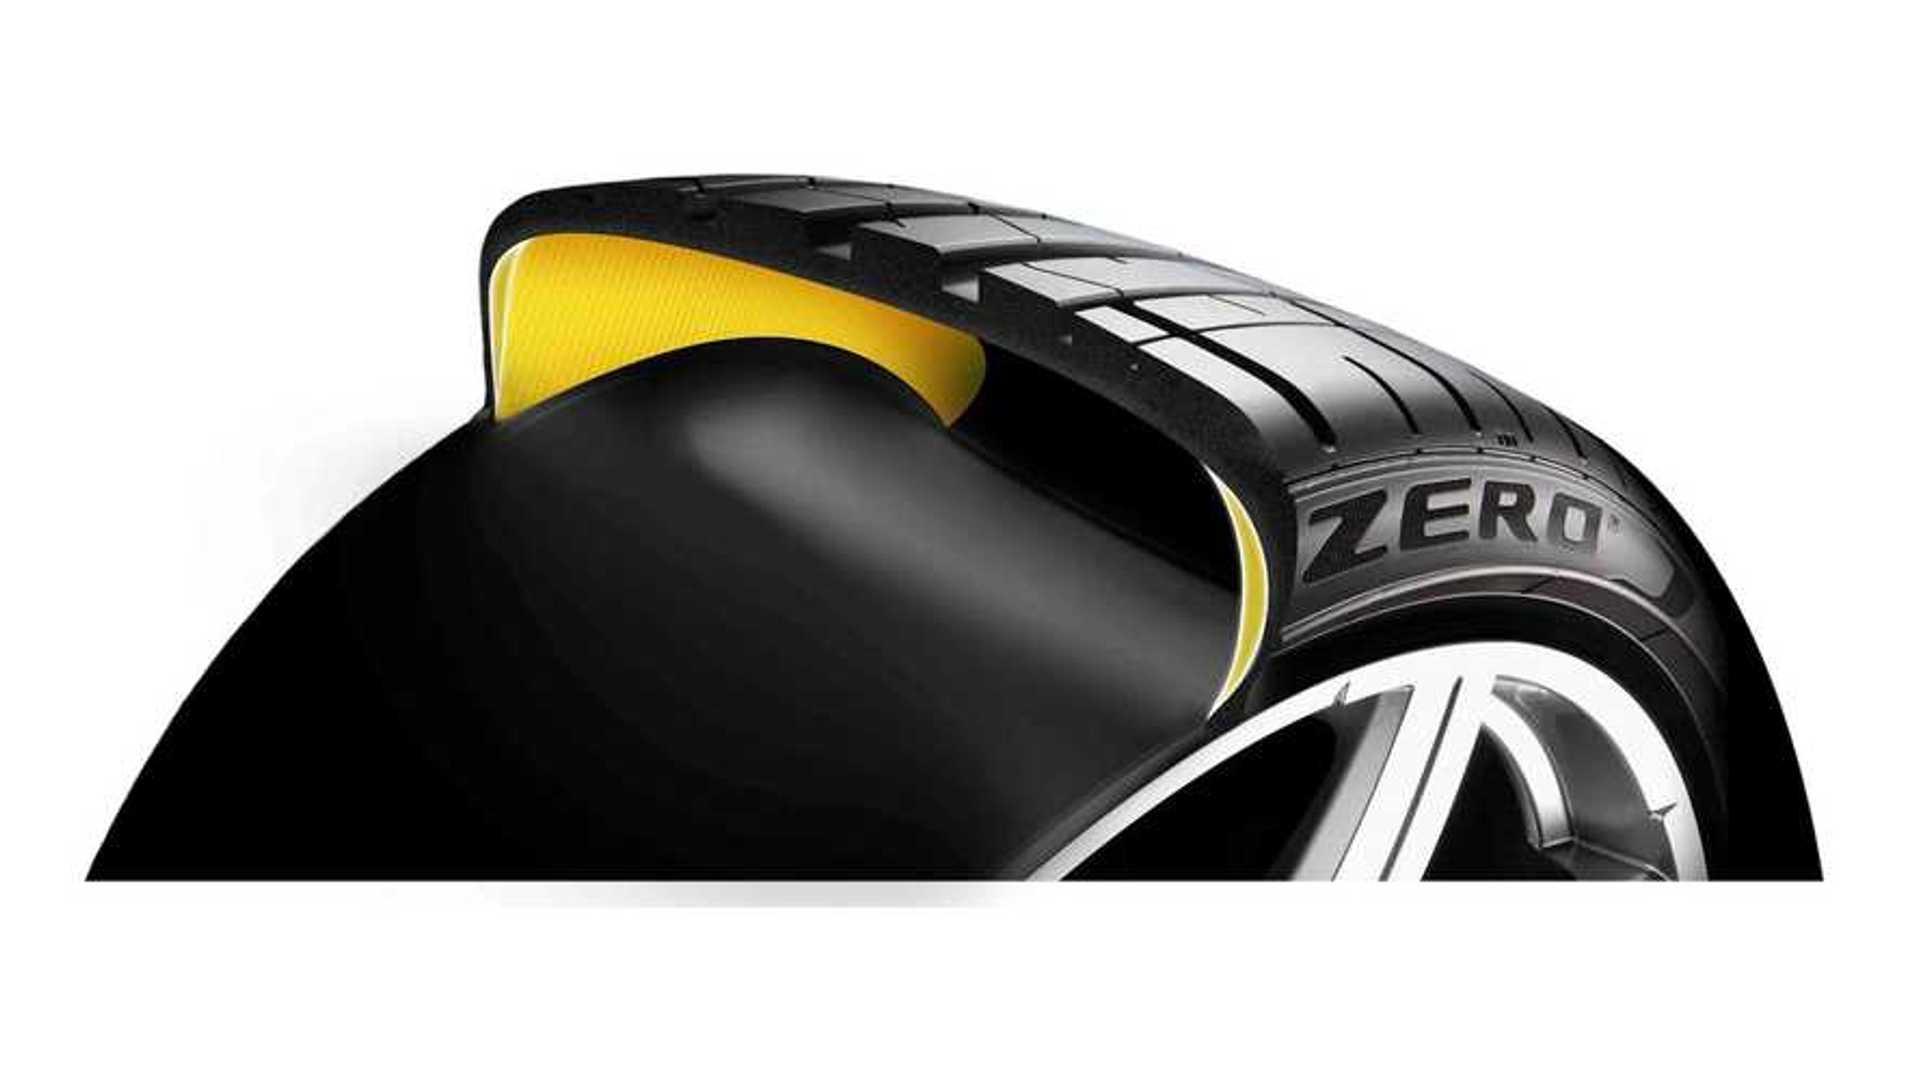 Pirelli, Run Flat lastiklerinin 20. yılını kutluyor